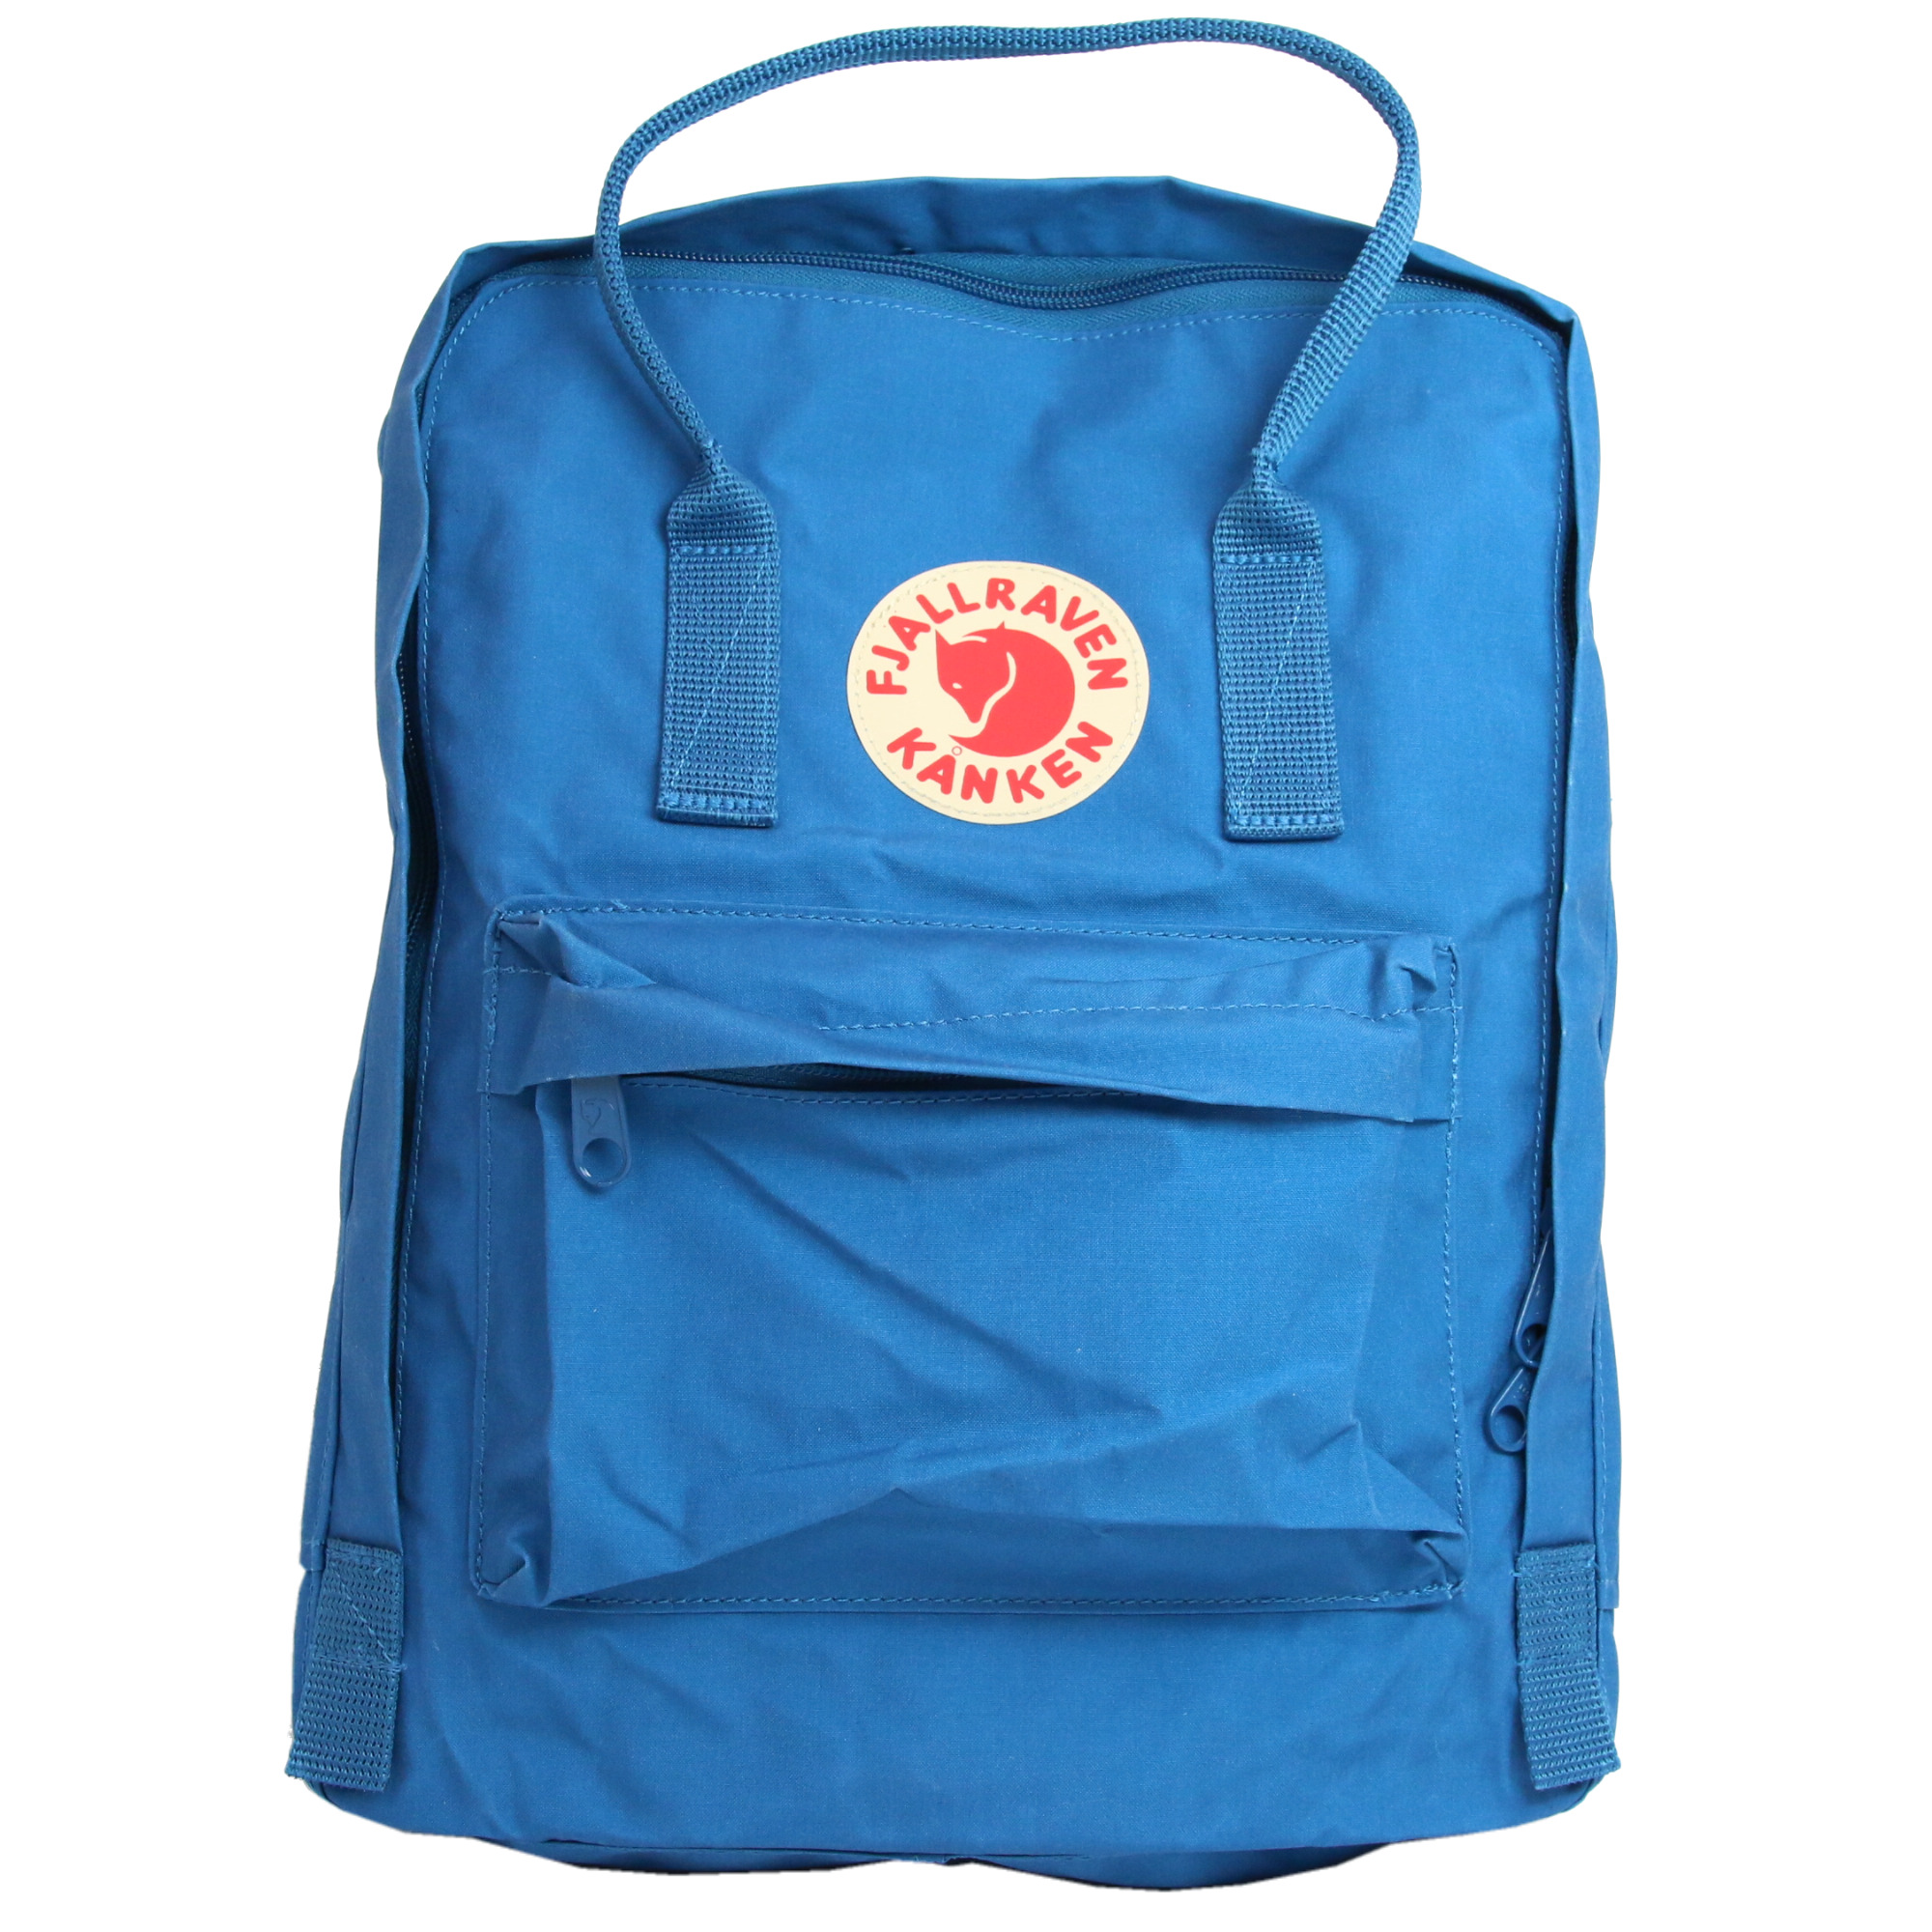 rucksack fjällräven f23510